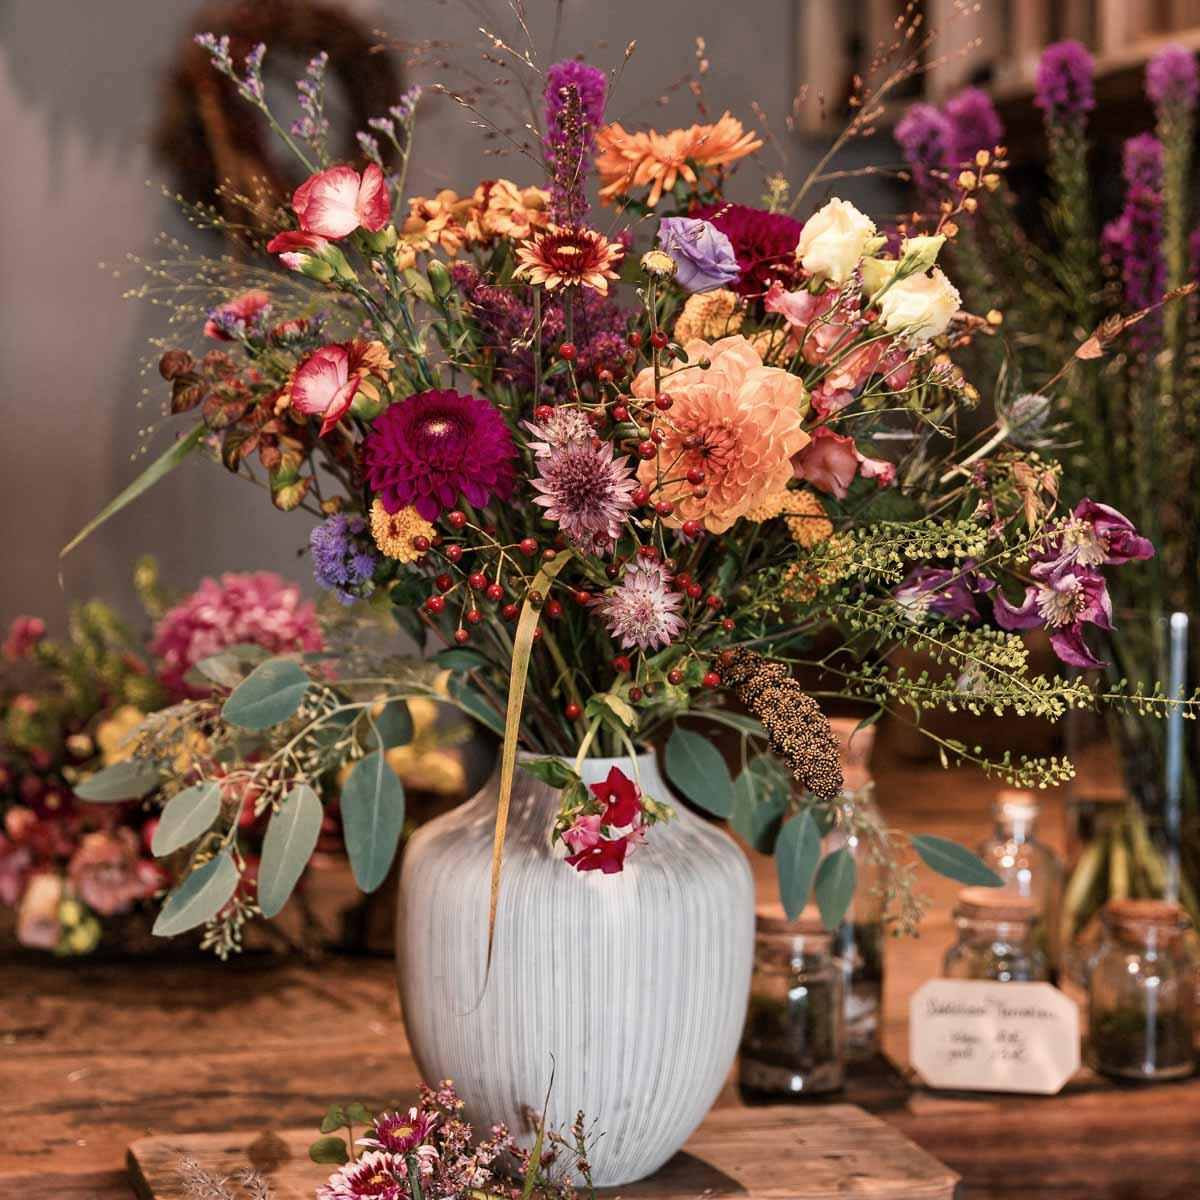 Florist Blumen Goldbeck Berlin-8